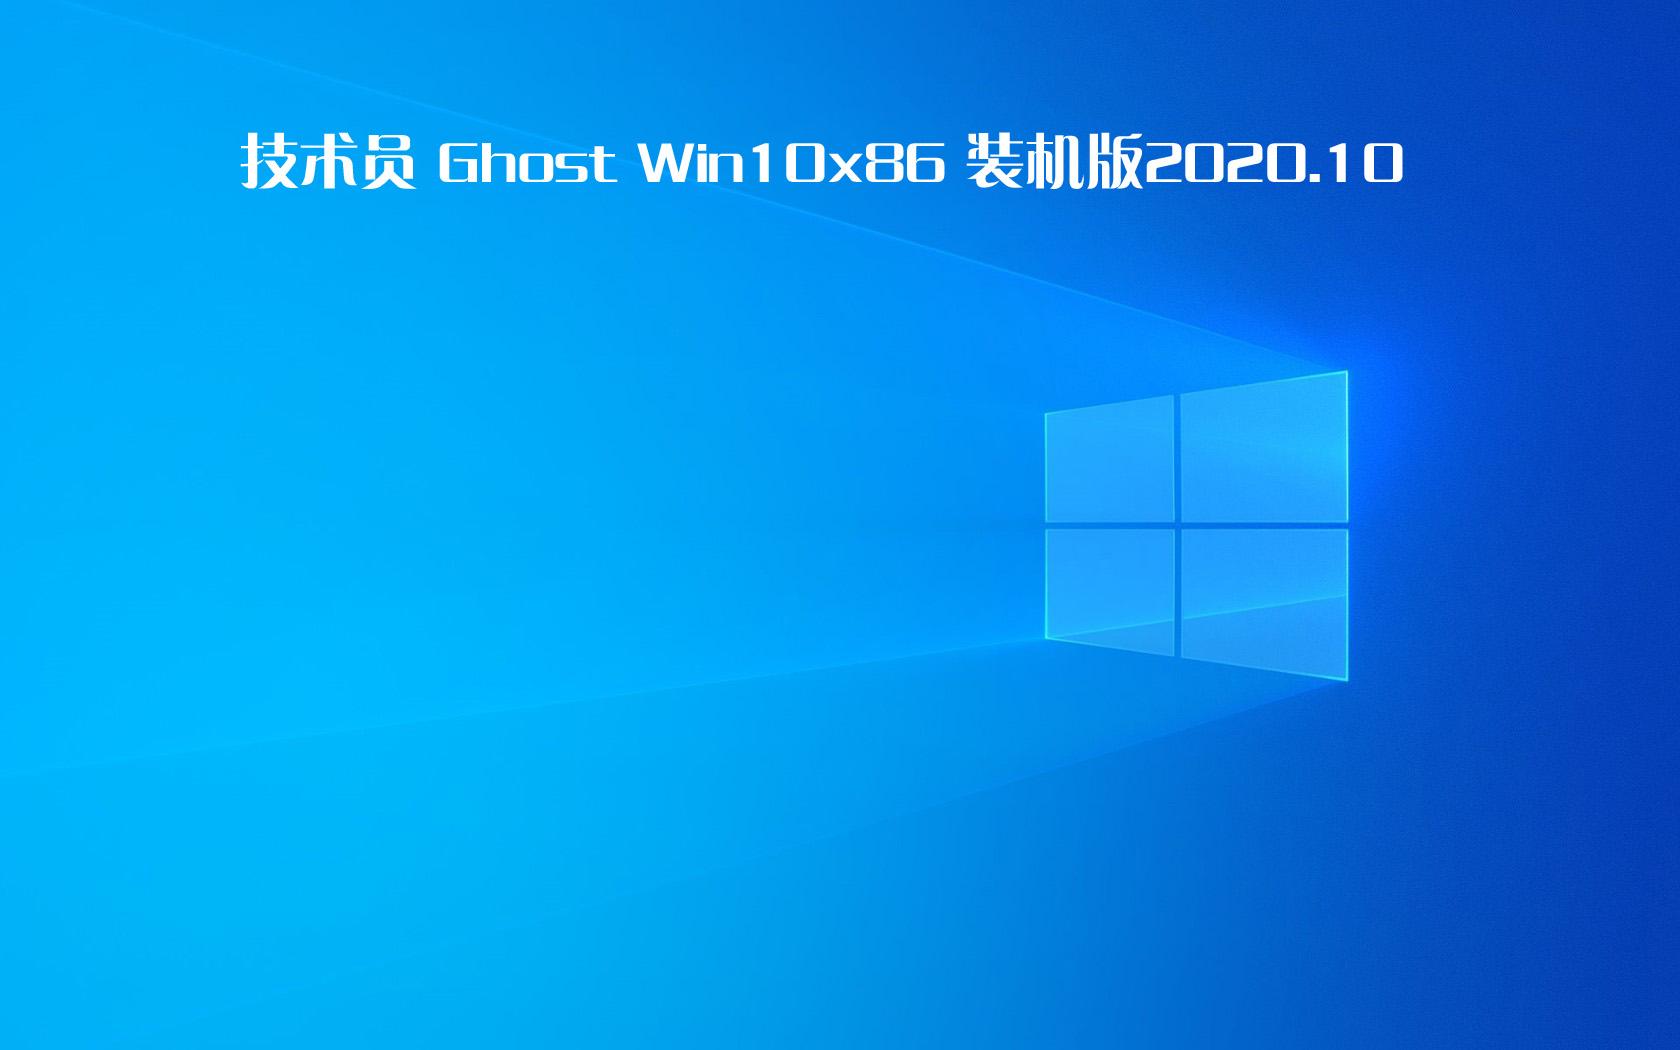 技术员联盟 Ghost Win10 X86 装机版 202010 (32位)